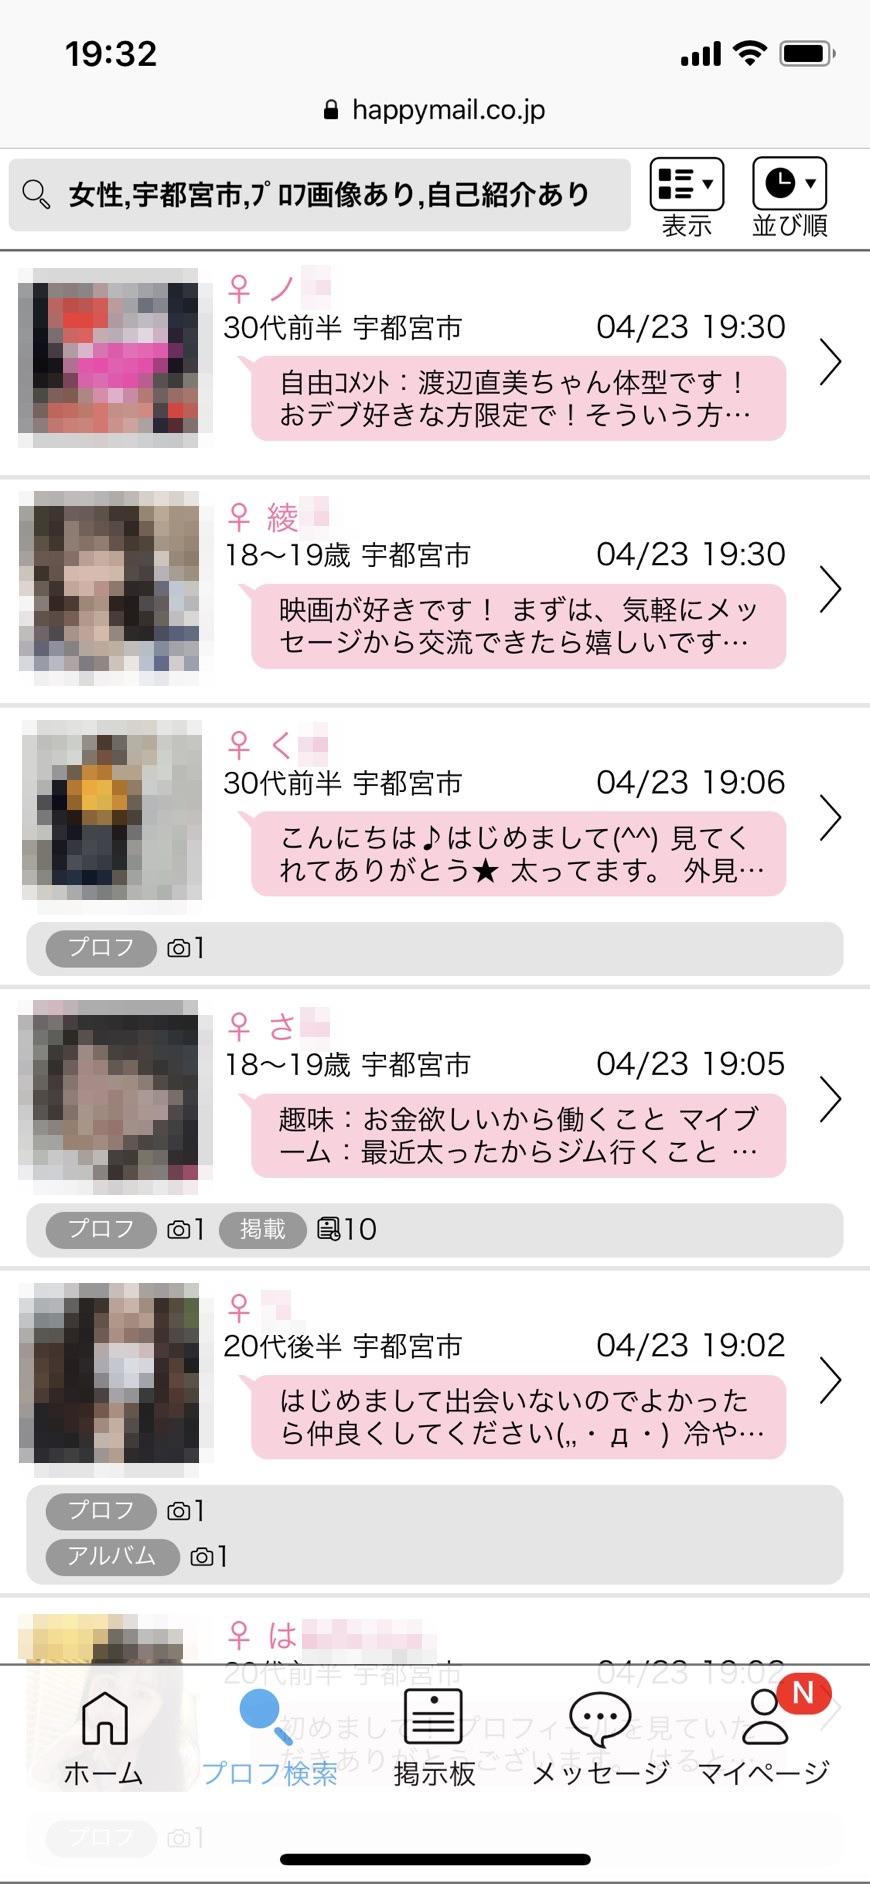 宇都宮・出会い希望(ハッピーメール)